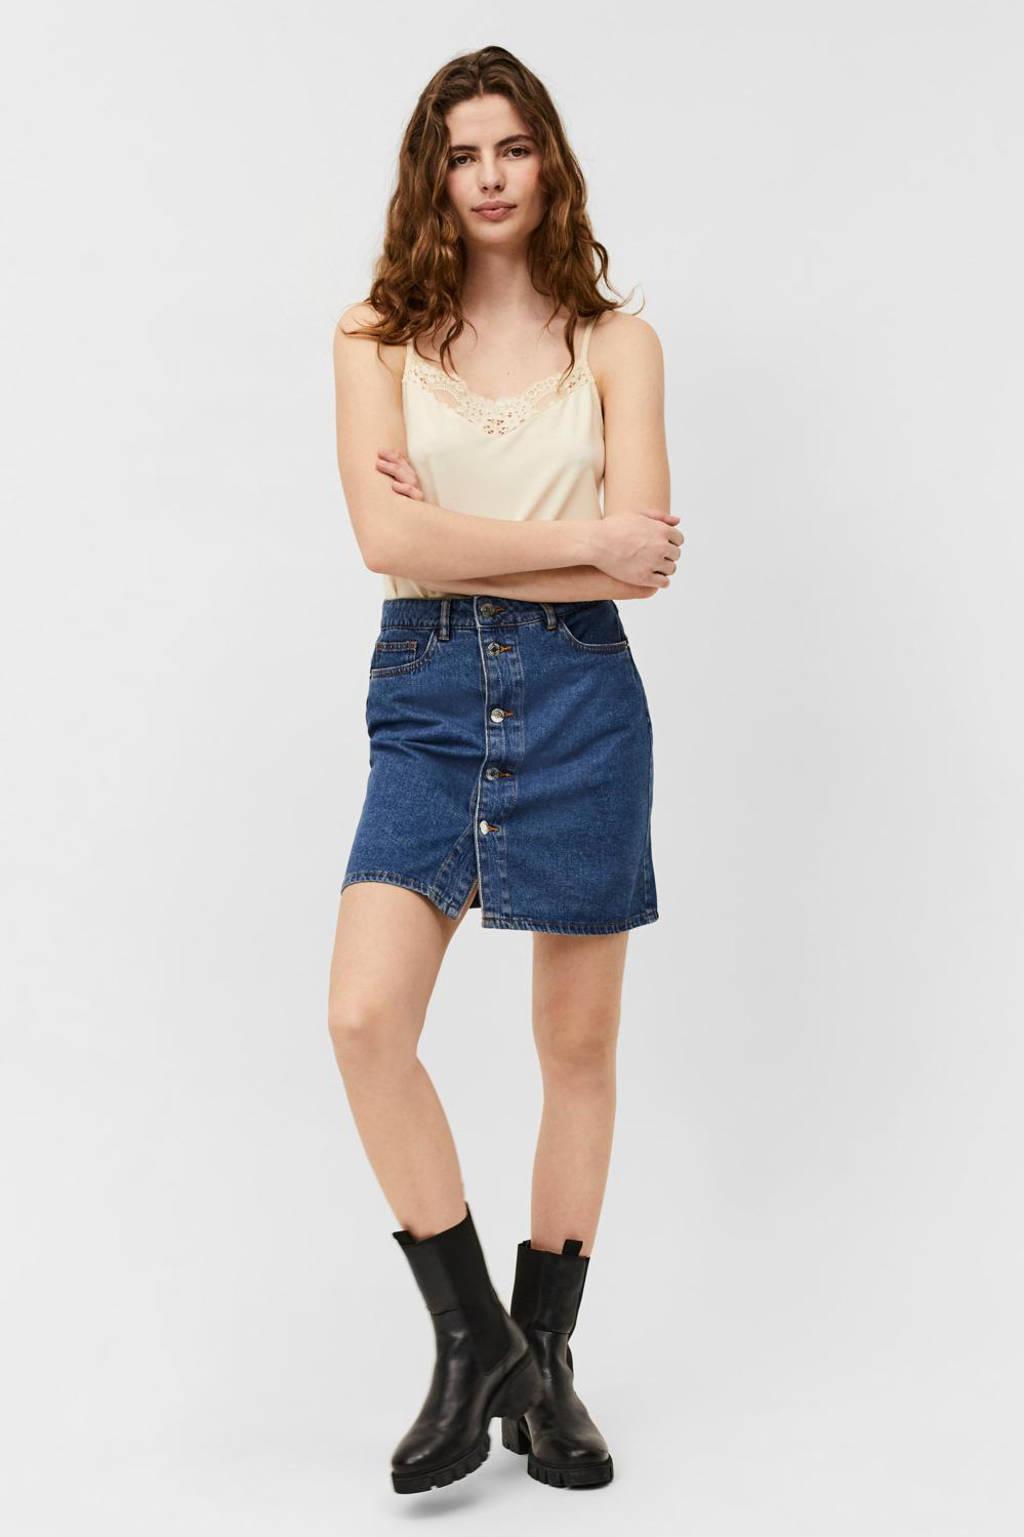 VERO MODA spijkerrok VMHARPER, Medium blue denim